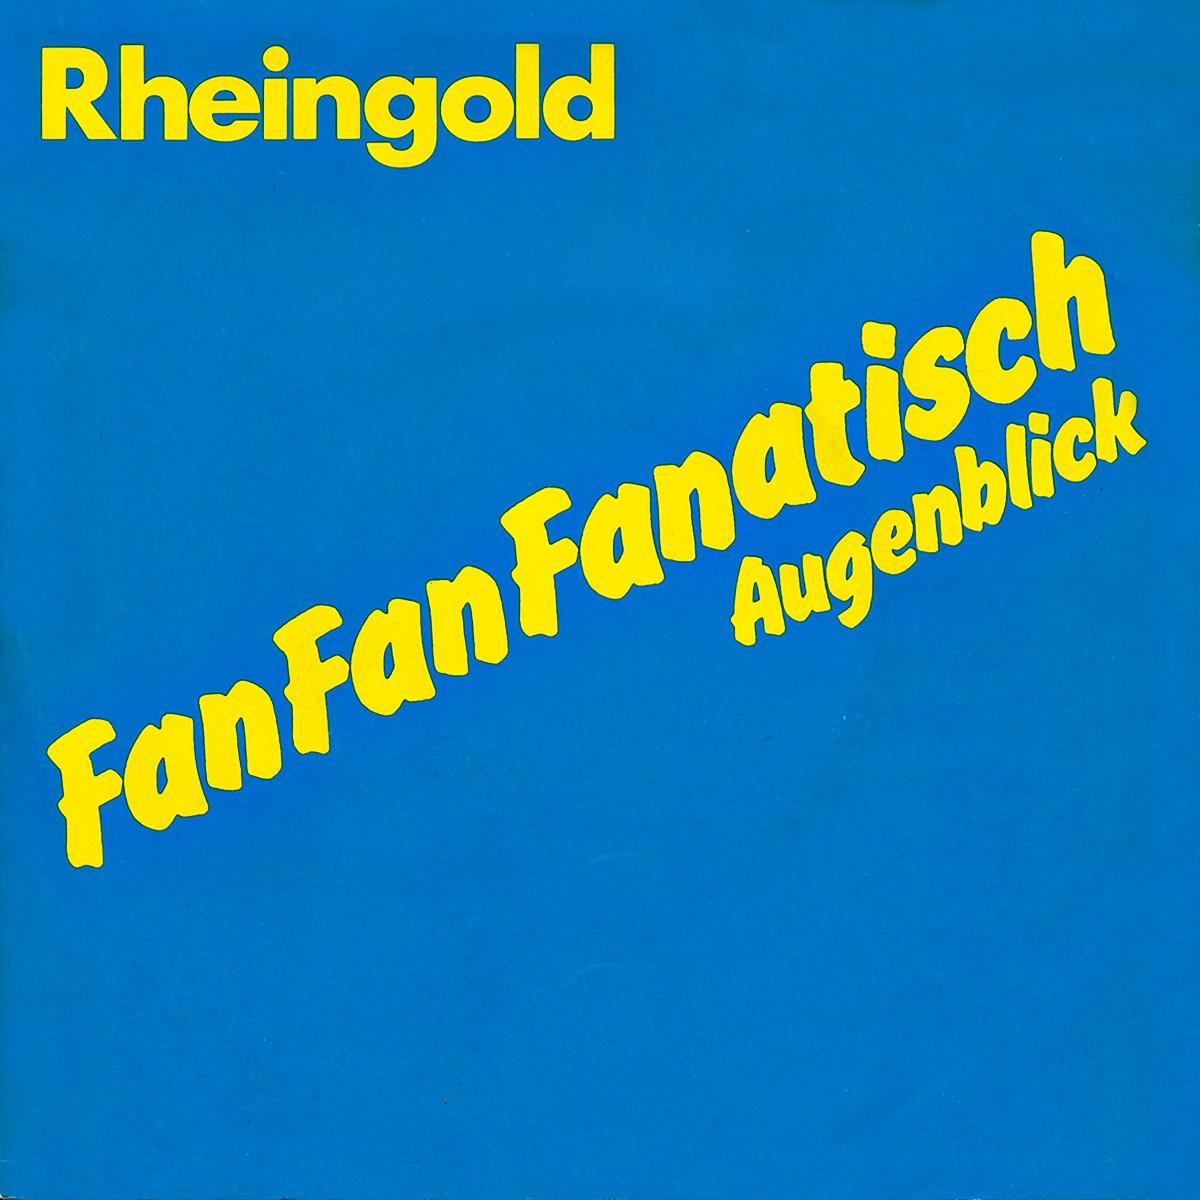 Rheingold - Fan Fan Fanatisch - dutchcharts.nl